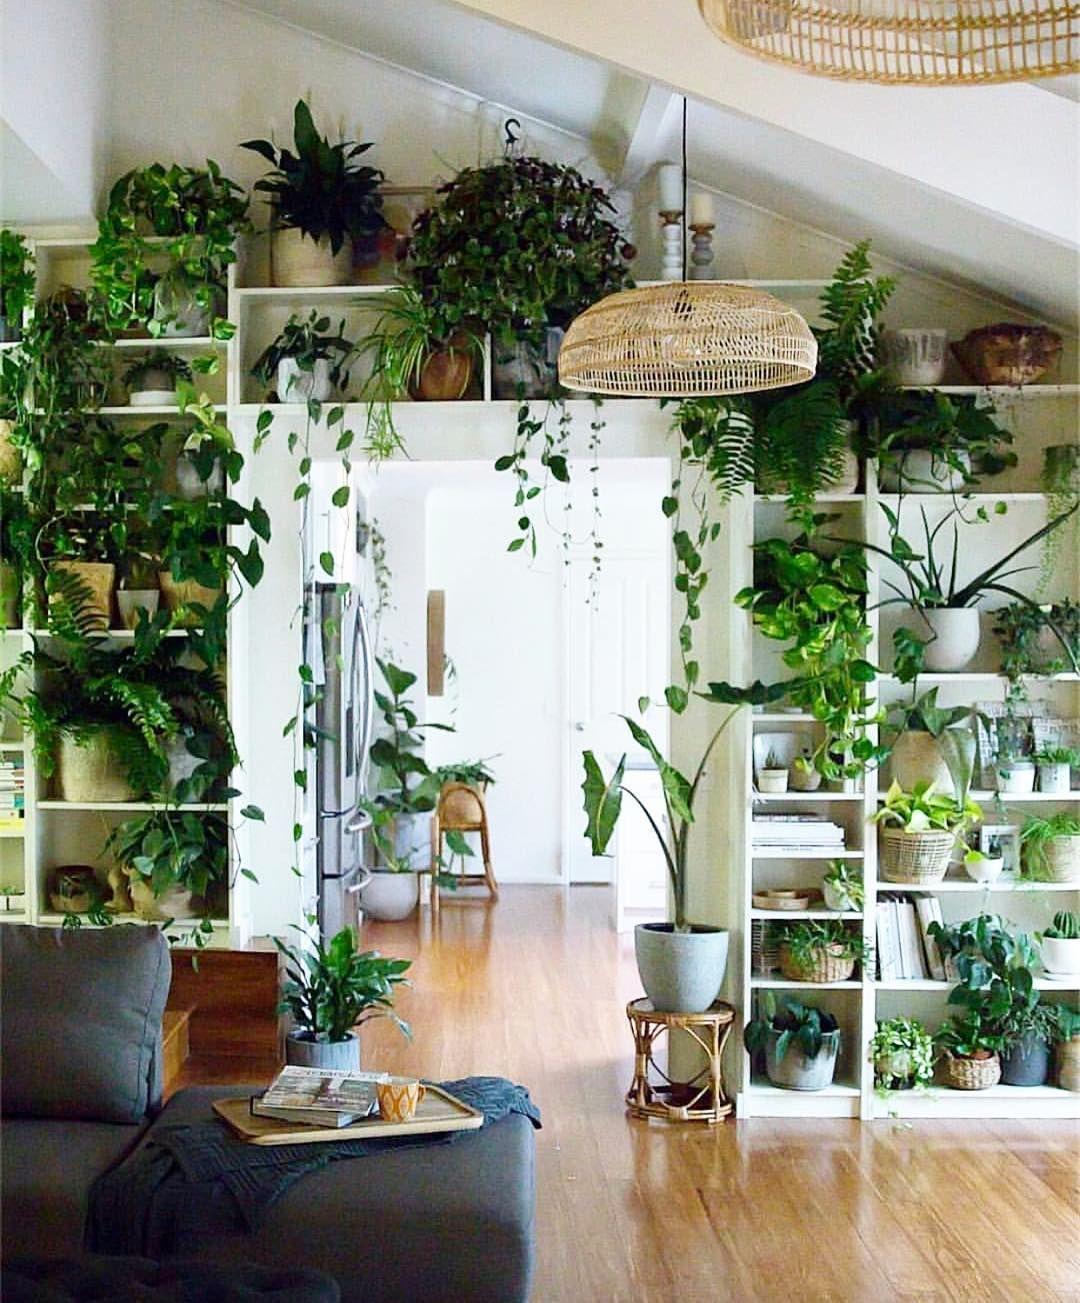 Verticaal tuinieren met een boekenkast